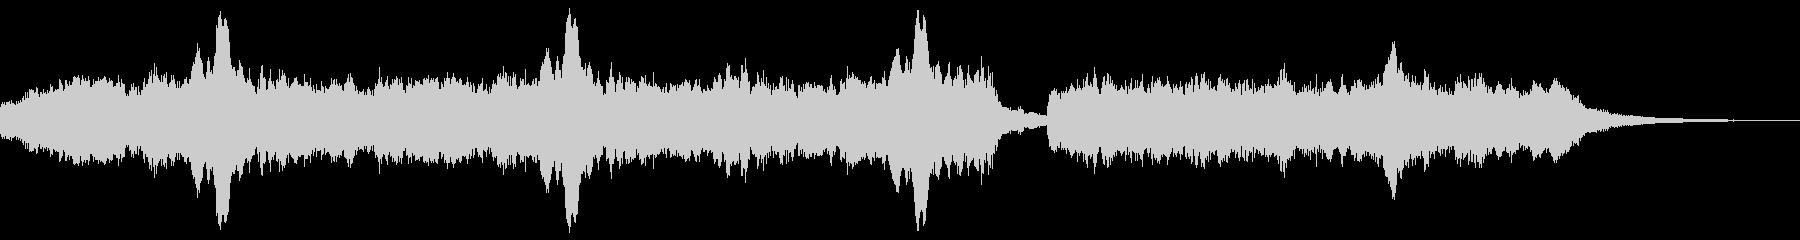 オーボエと管弦楽の切ないジングルの未再生の波形